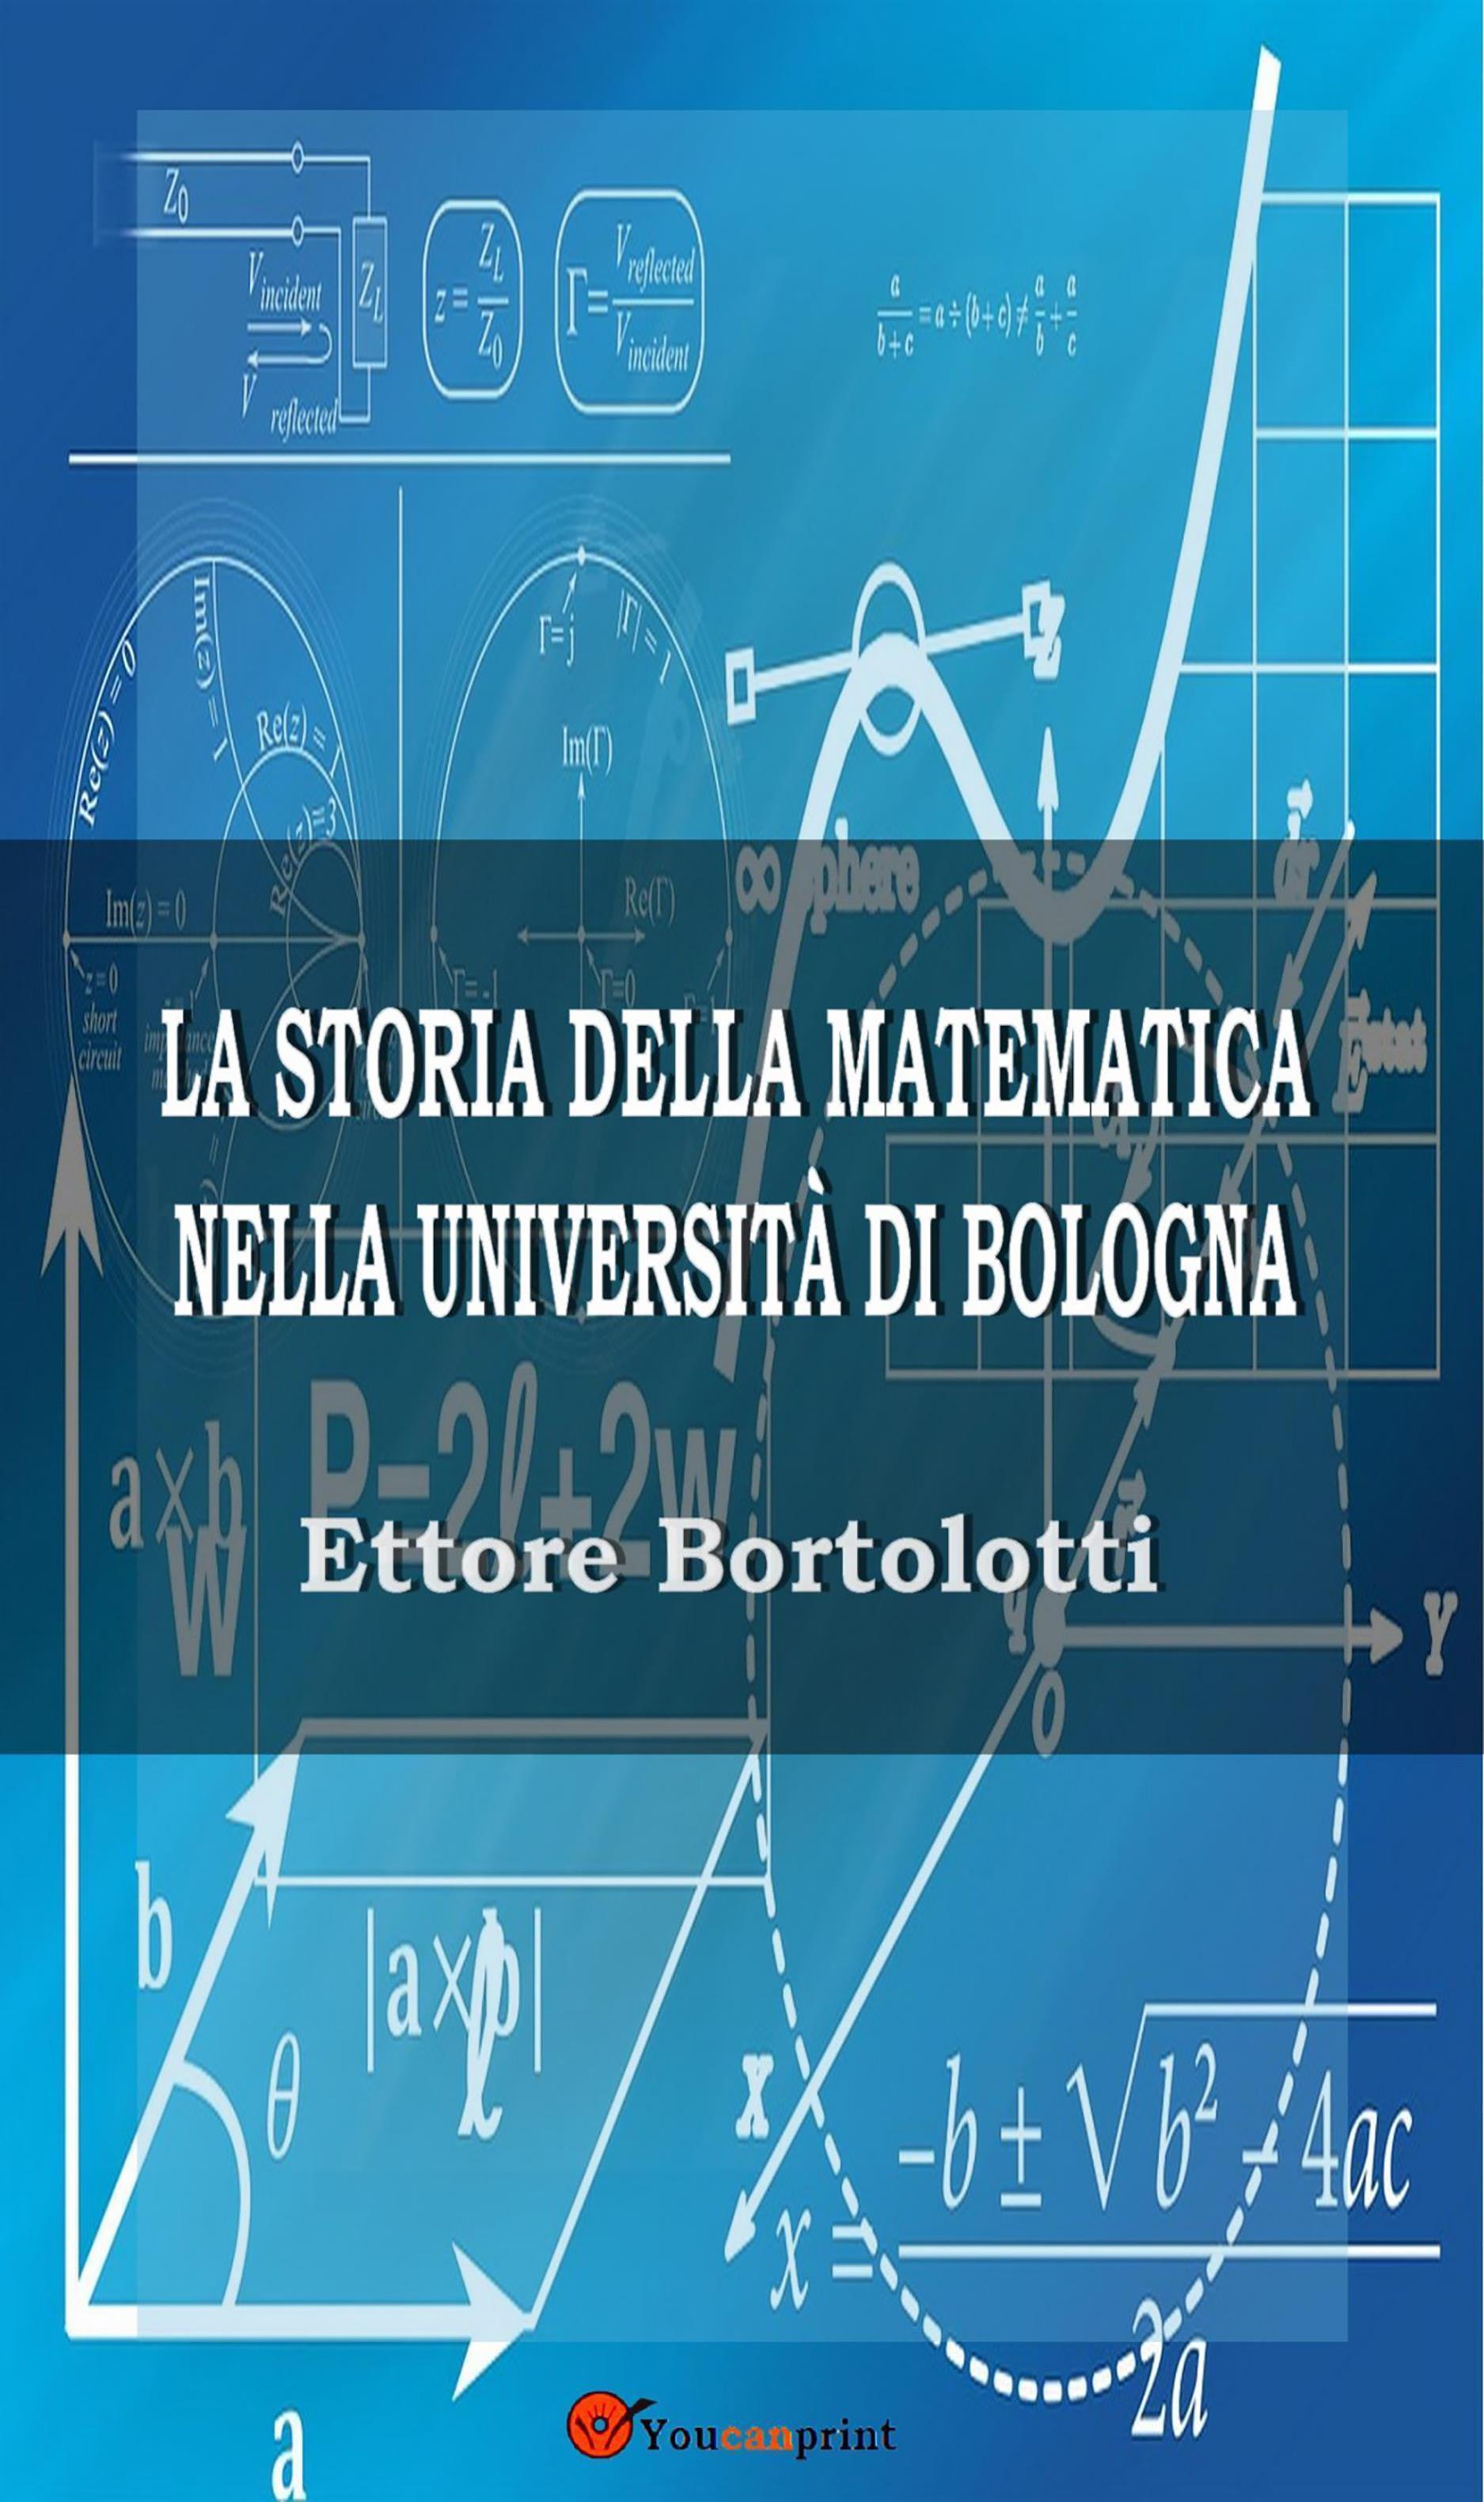 La storia della matematica nella università di Bologna